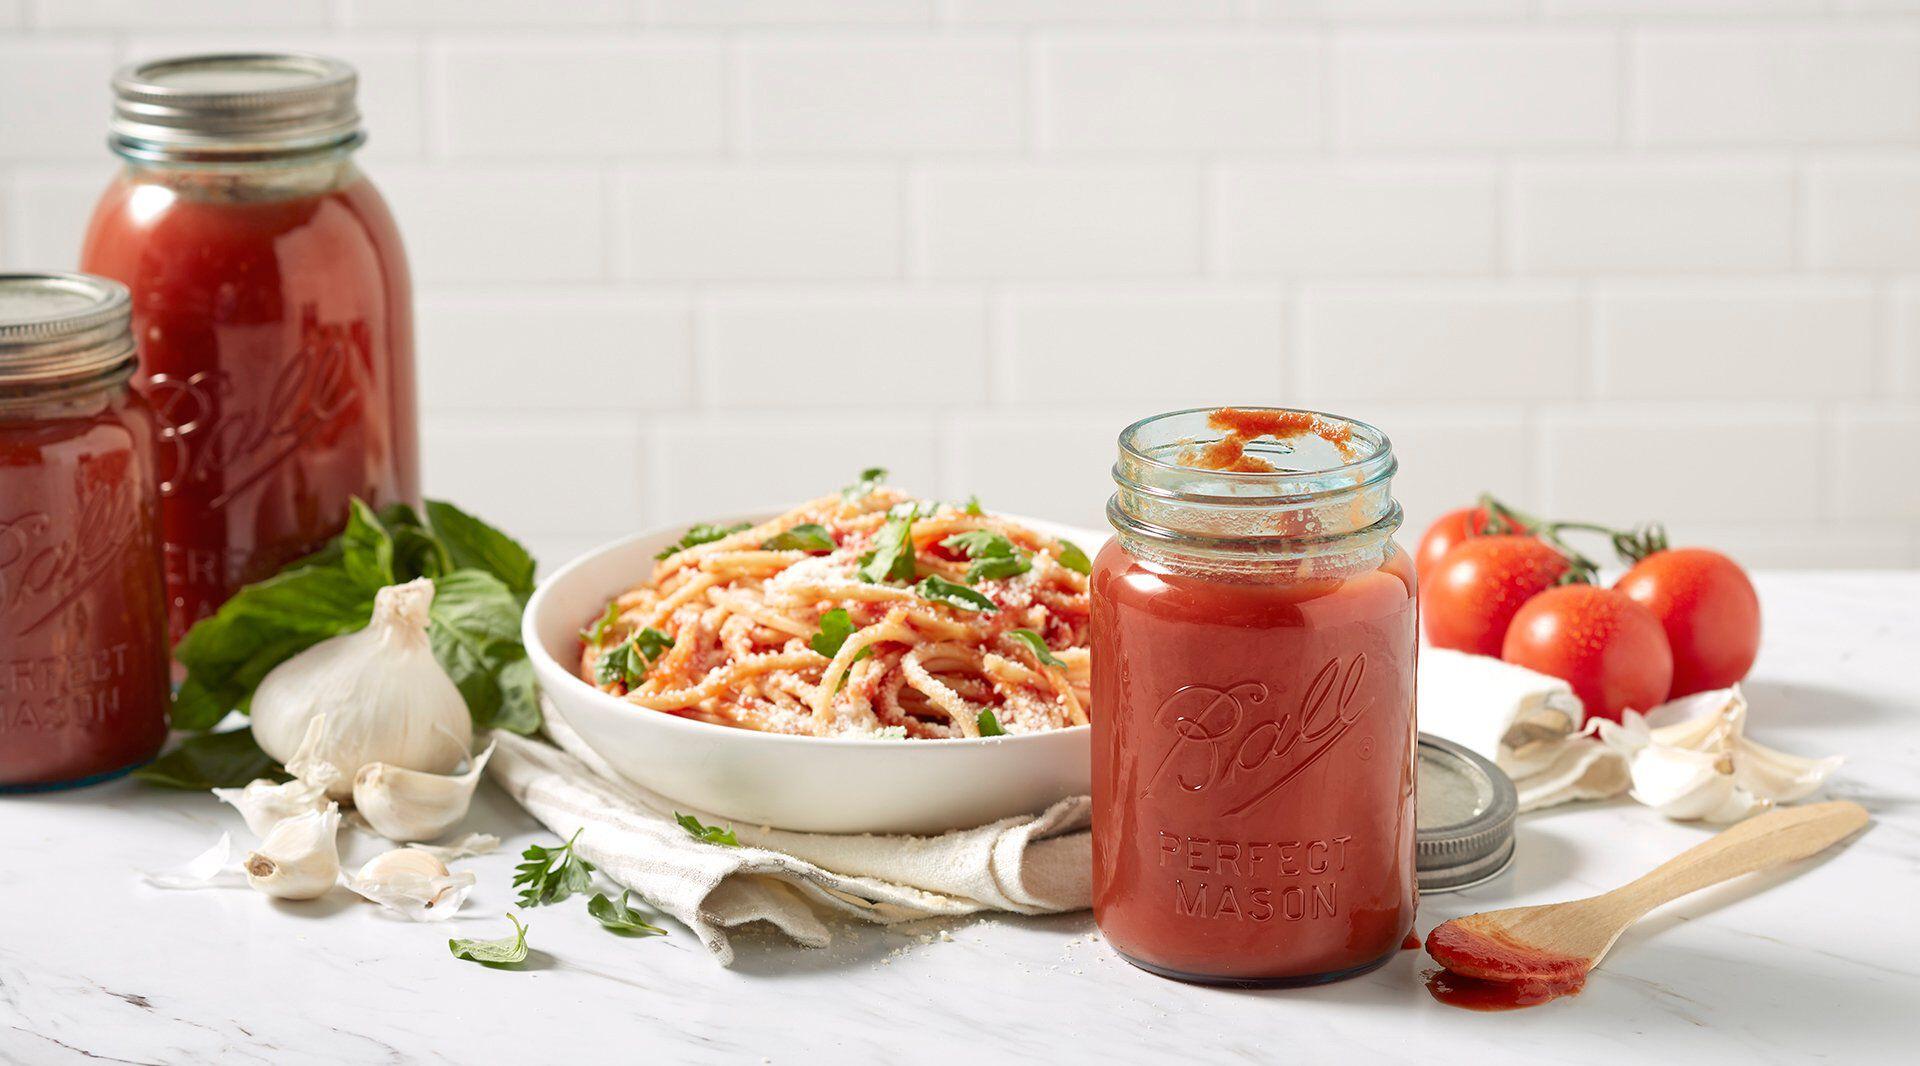 sauce in ball jar